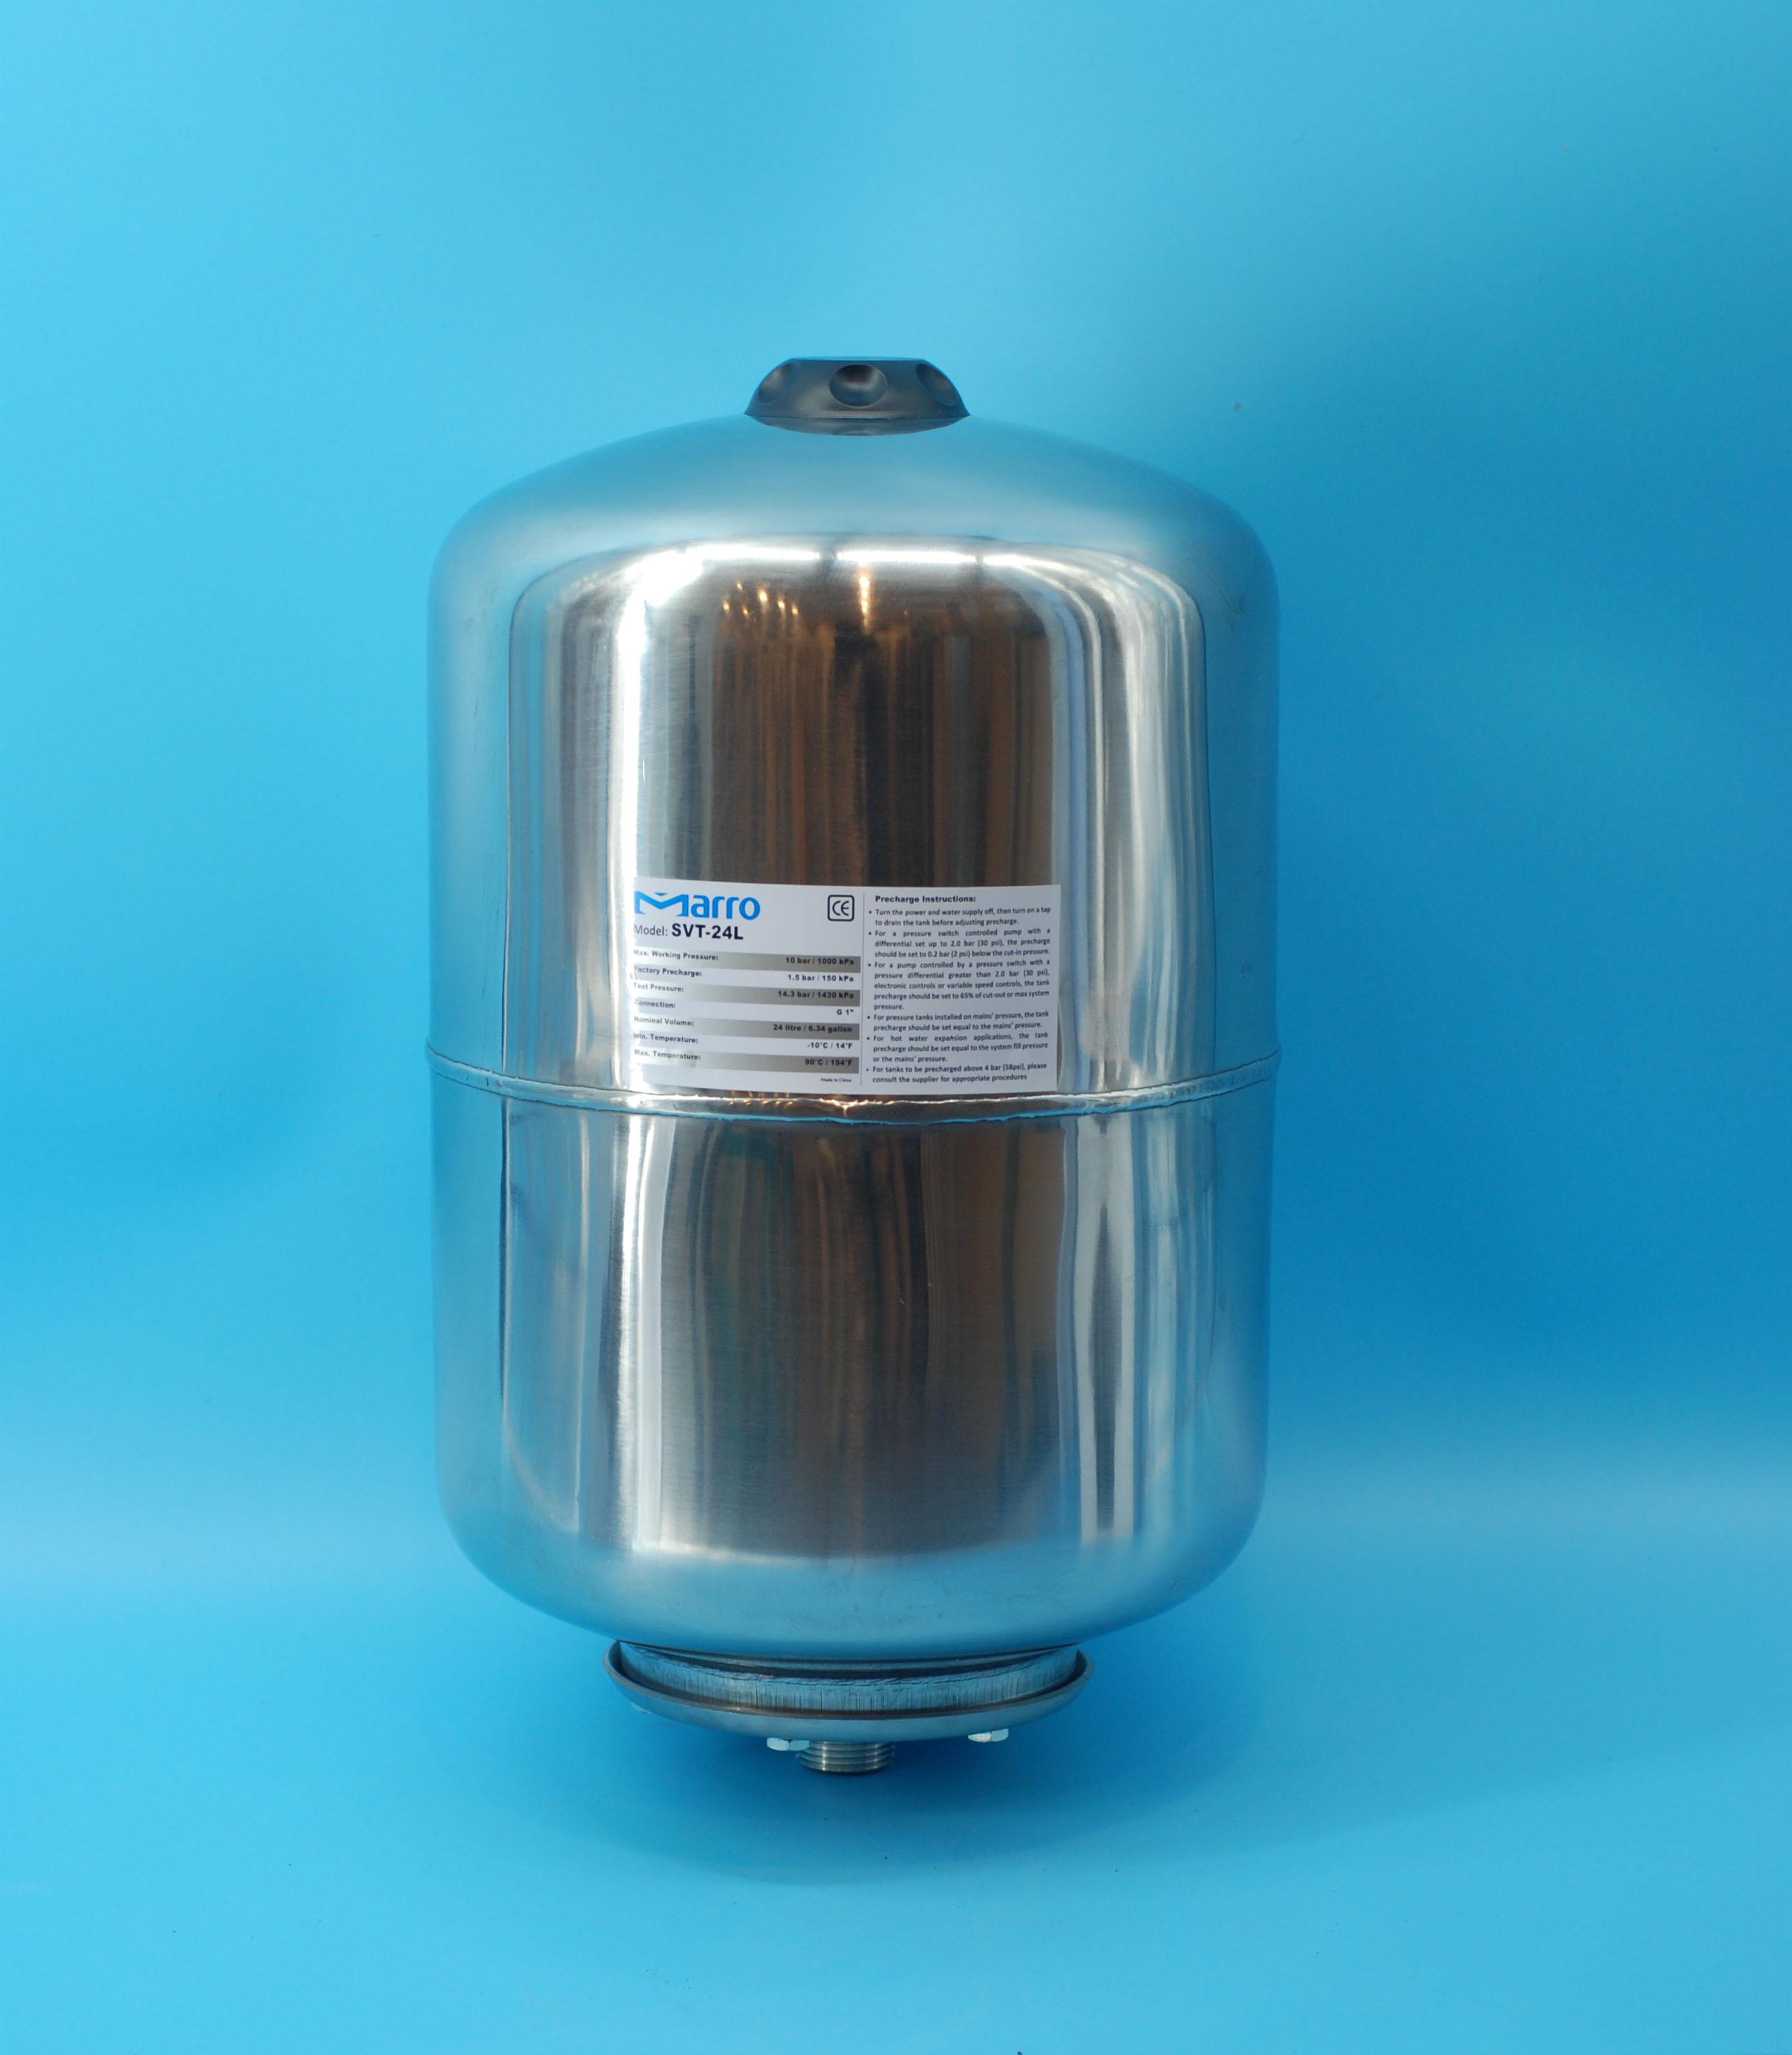 Marro Stainless Steel Pressure Water Tank 24L   eBay